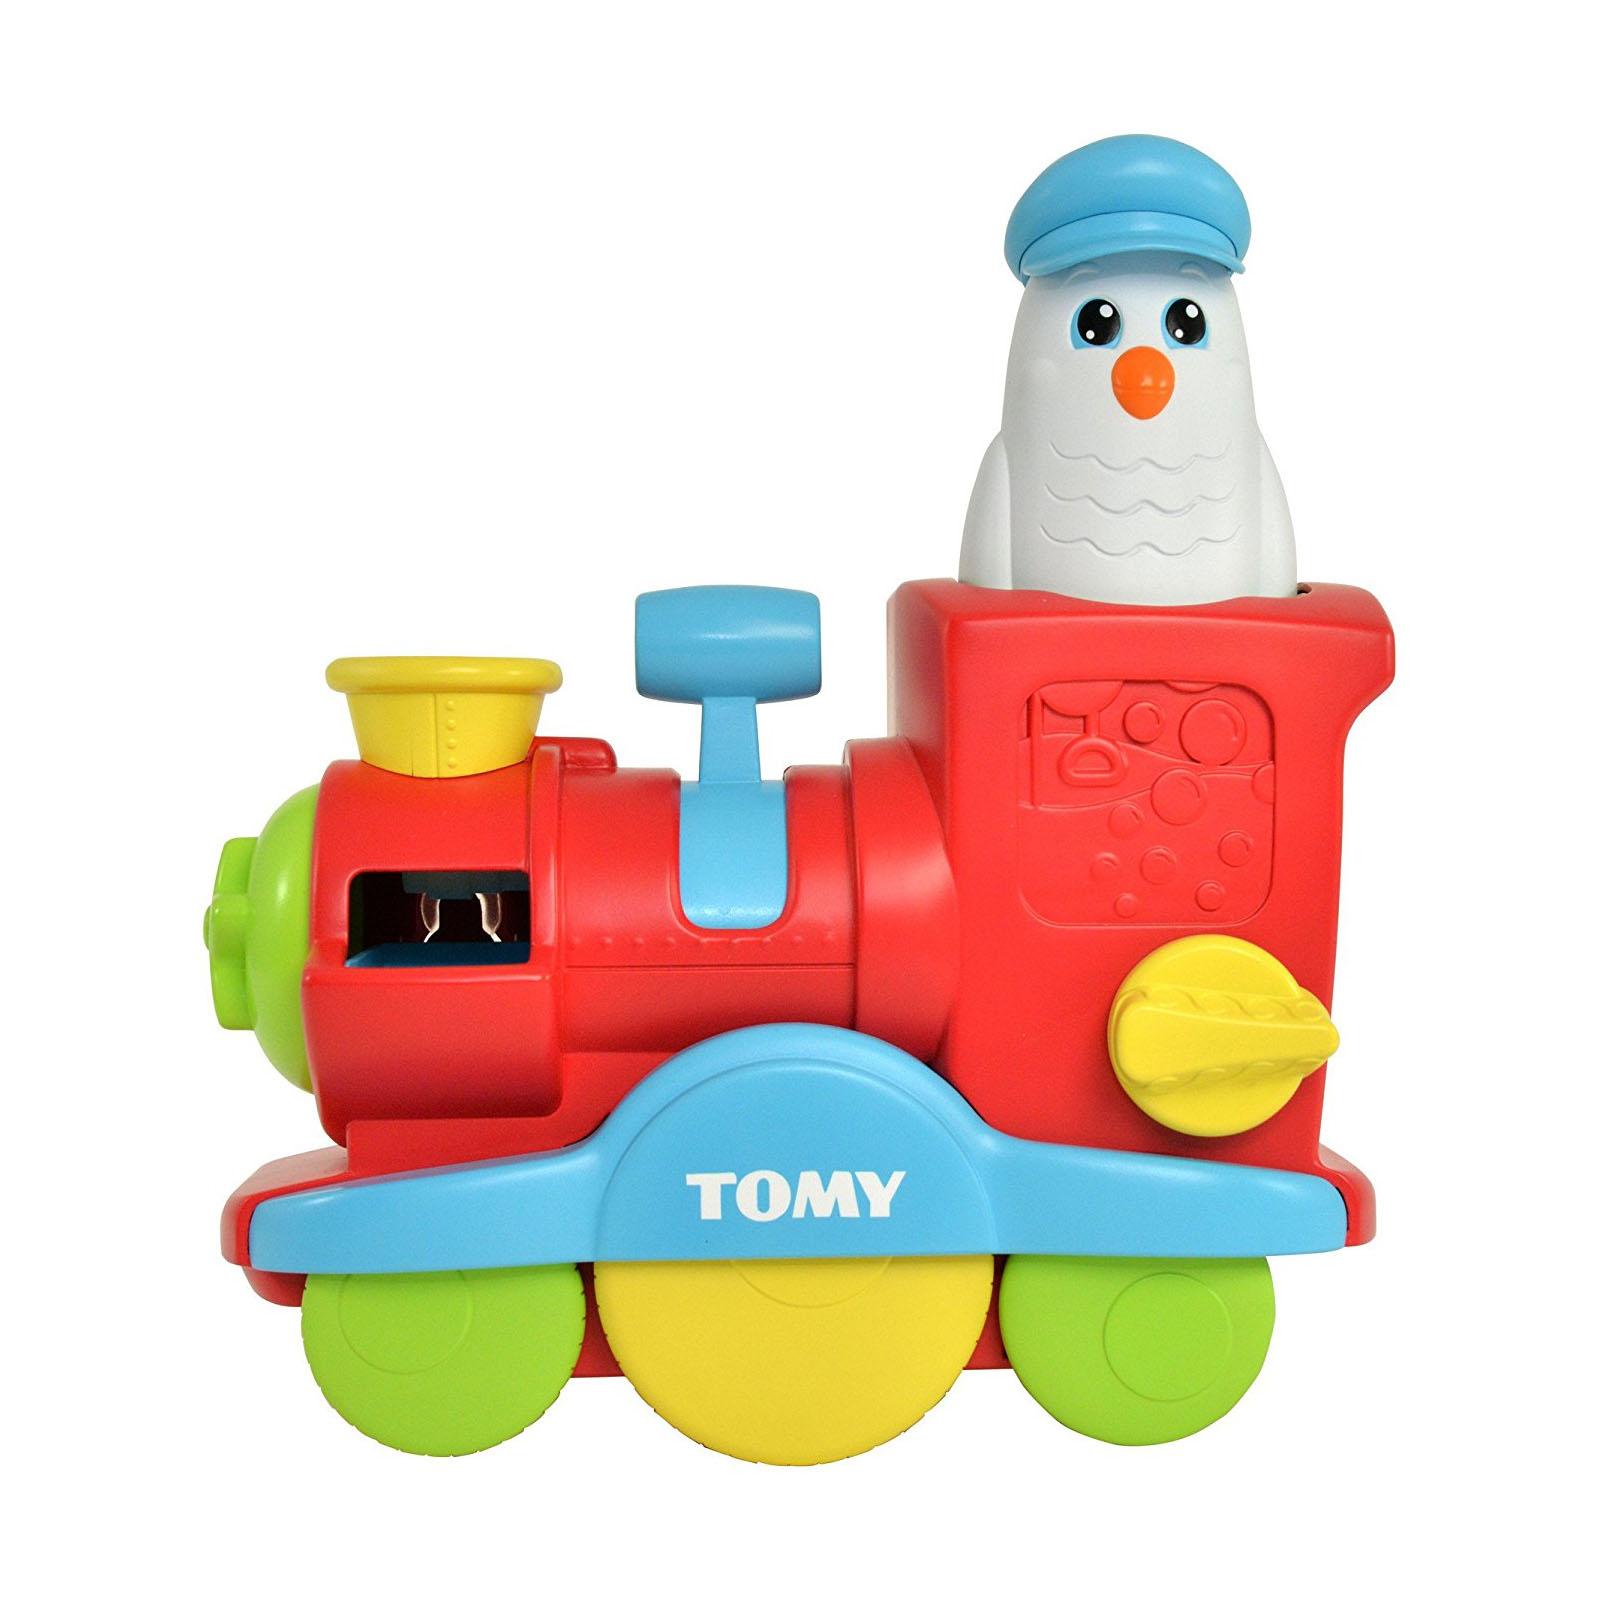 Купить Игрушка для ванны - Веселый паровозик с мыльными пузырями, Tomy